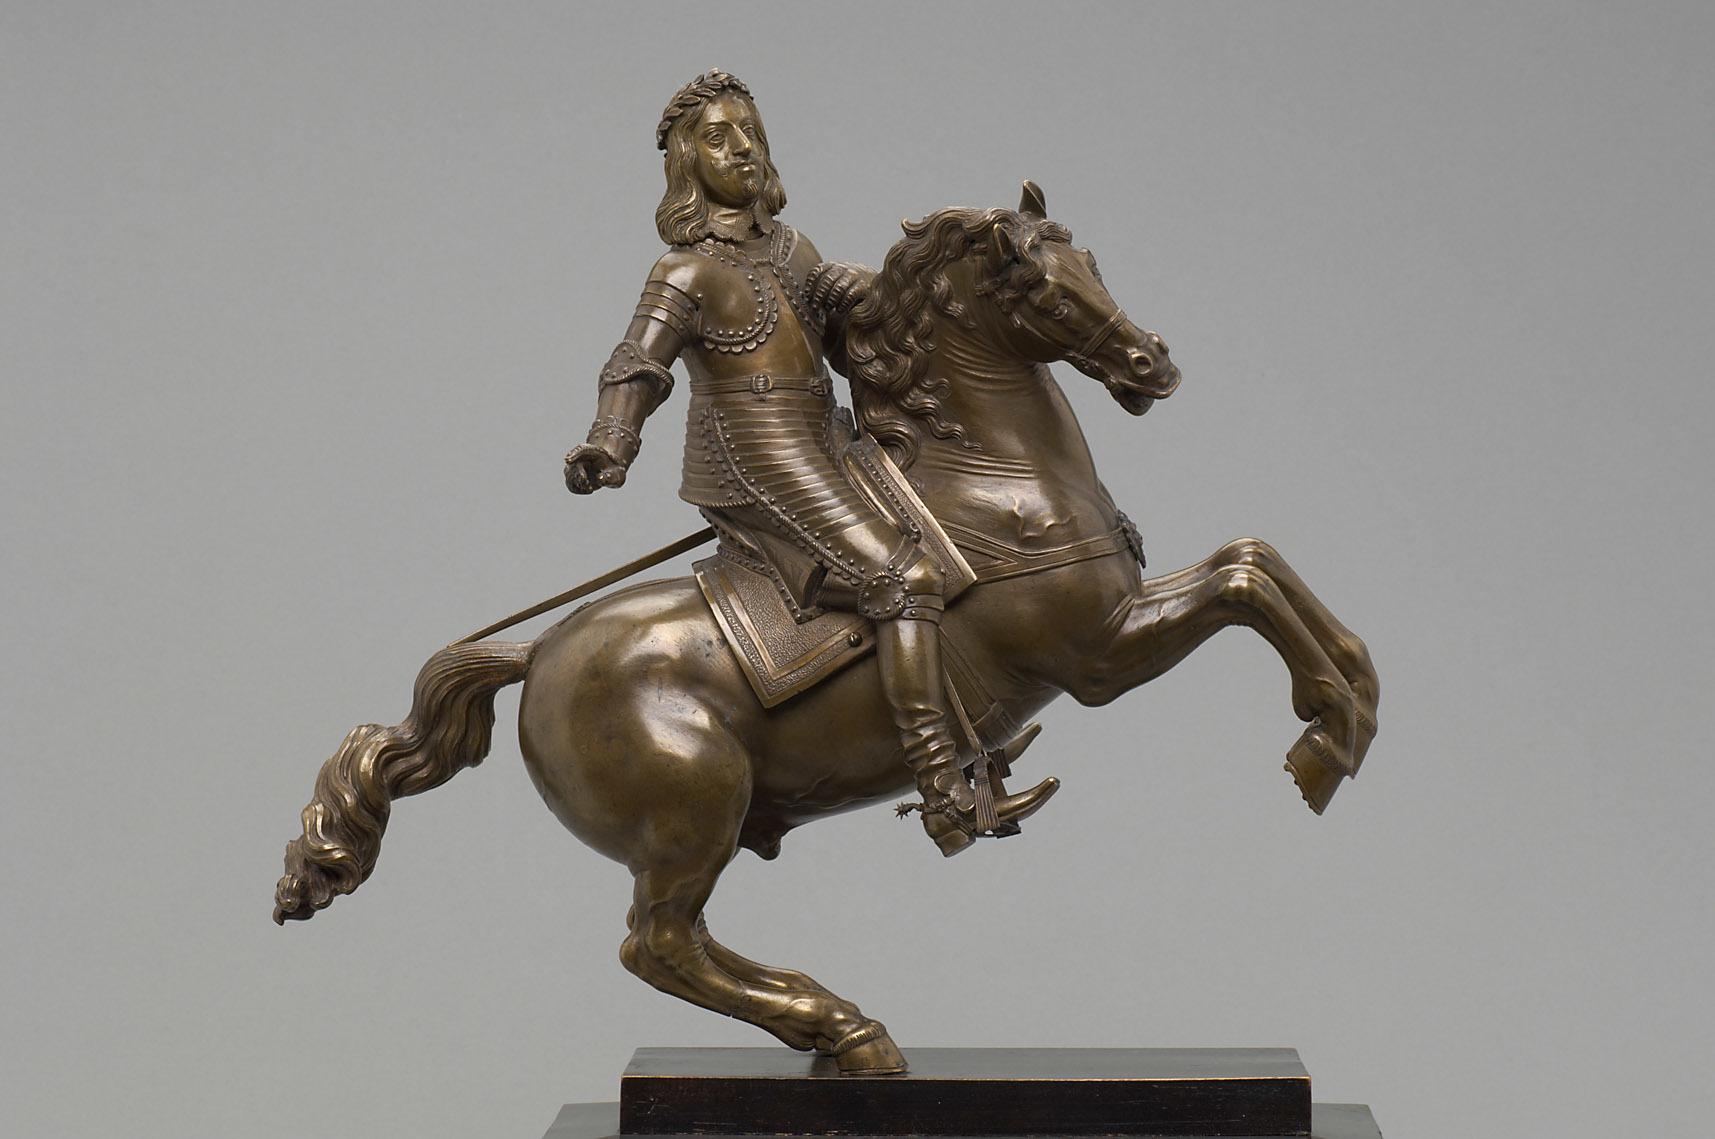 Emperor Ferdinand III on horseback, 1630-1674, Caspar Gras